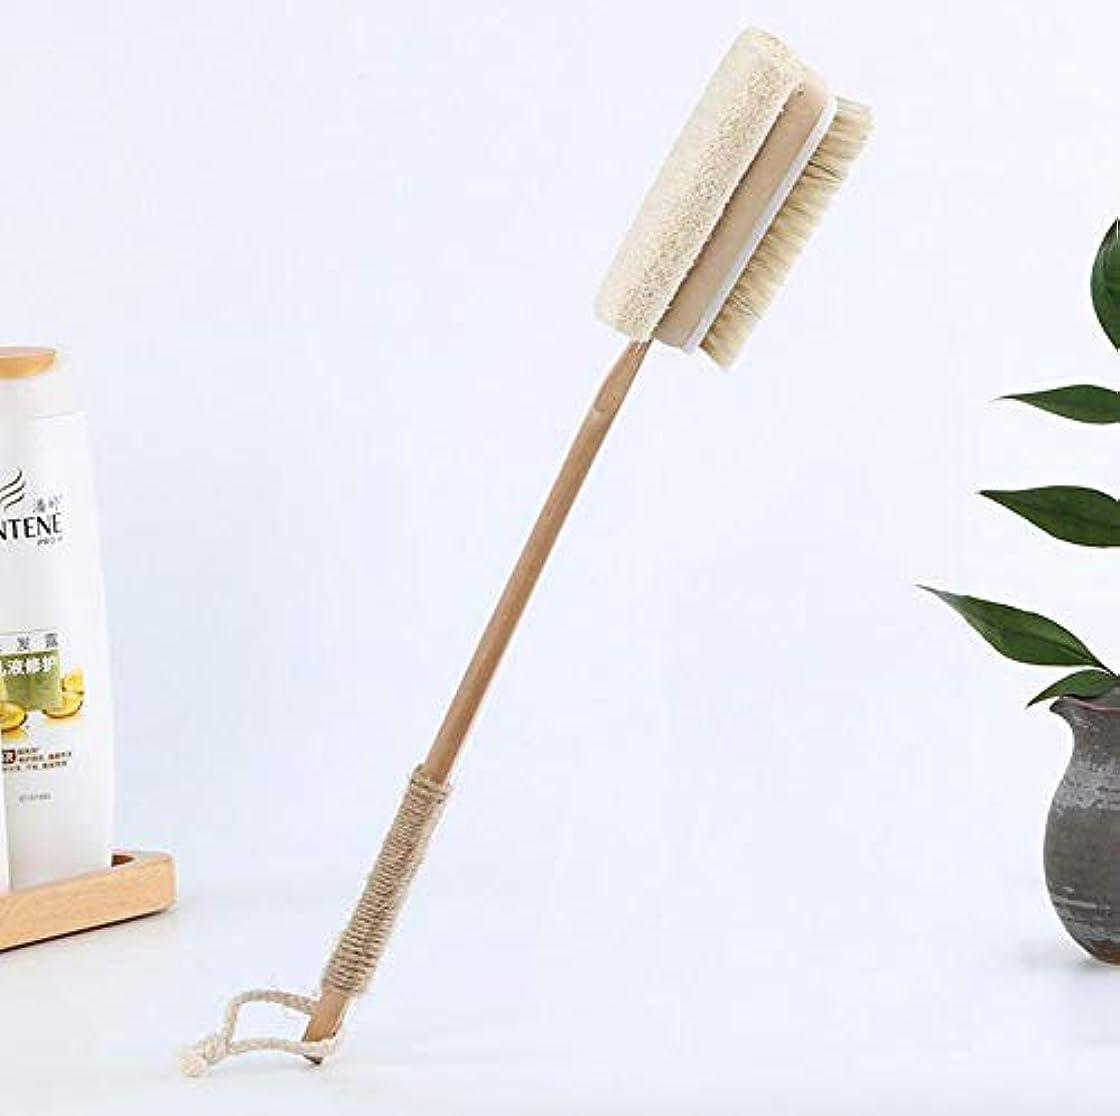 エントリ一晩調査バスブラシ、長い木製ハンドルドライブラシボディブラシバスブラシ長いハンドル、皮膚やセルライトを剥離するため、ウェットまたはドライ使用